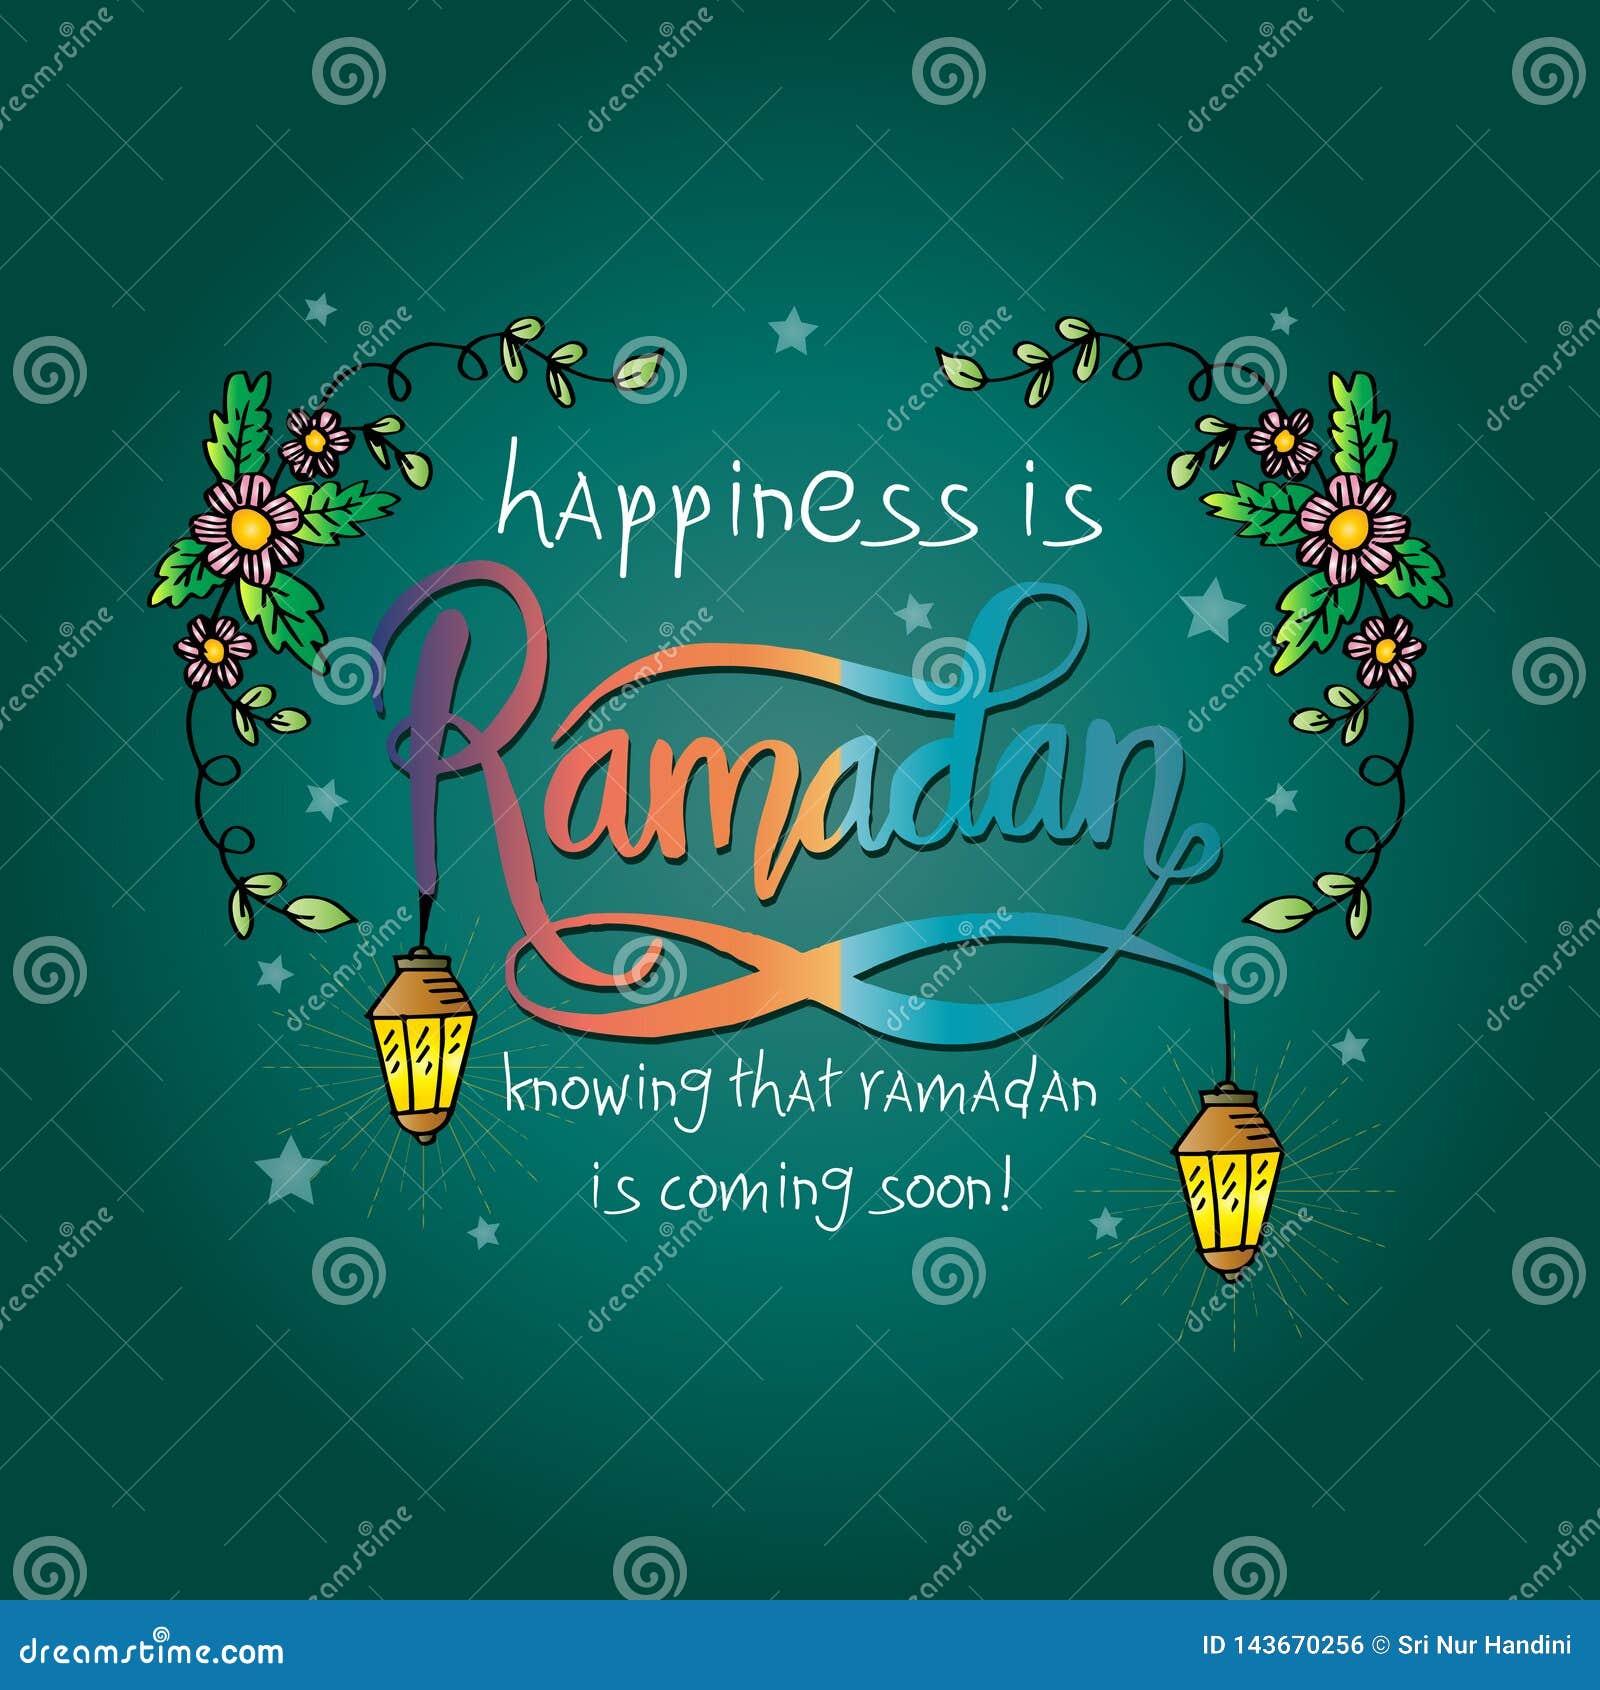 Η ευτυχία είναι Ramadan ξέροντας ότι ramadan έρχεται πολύ σύντομα!